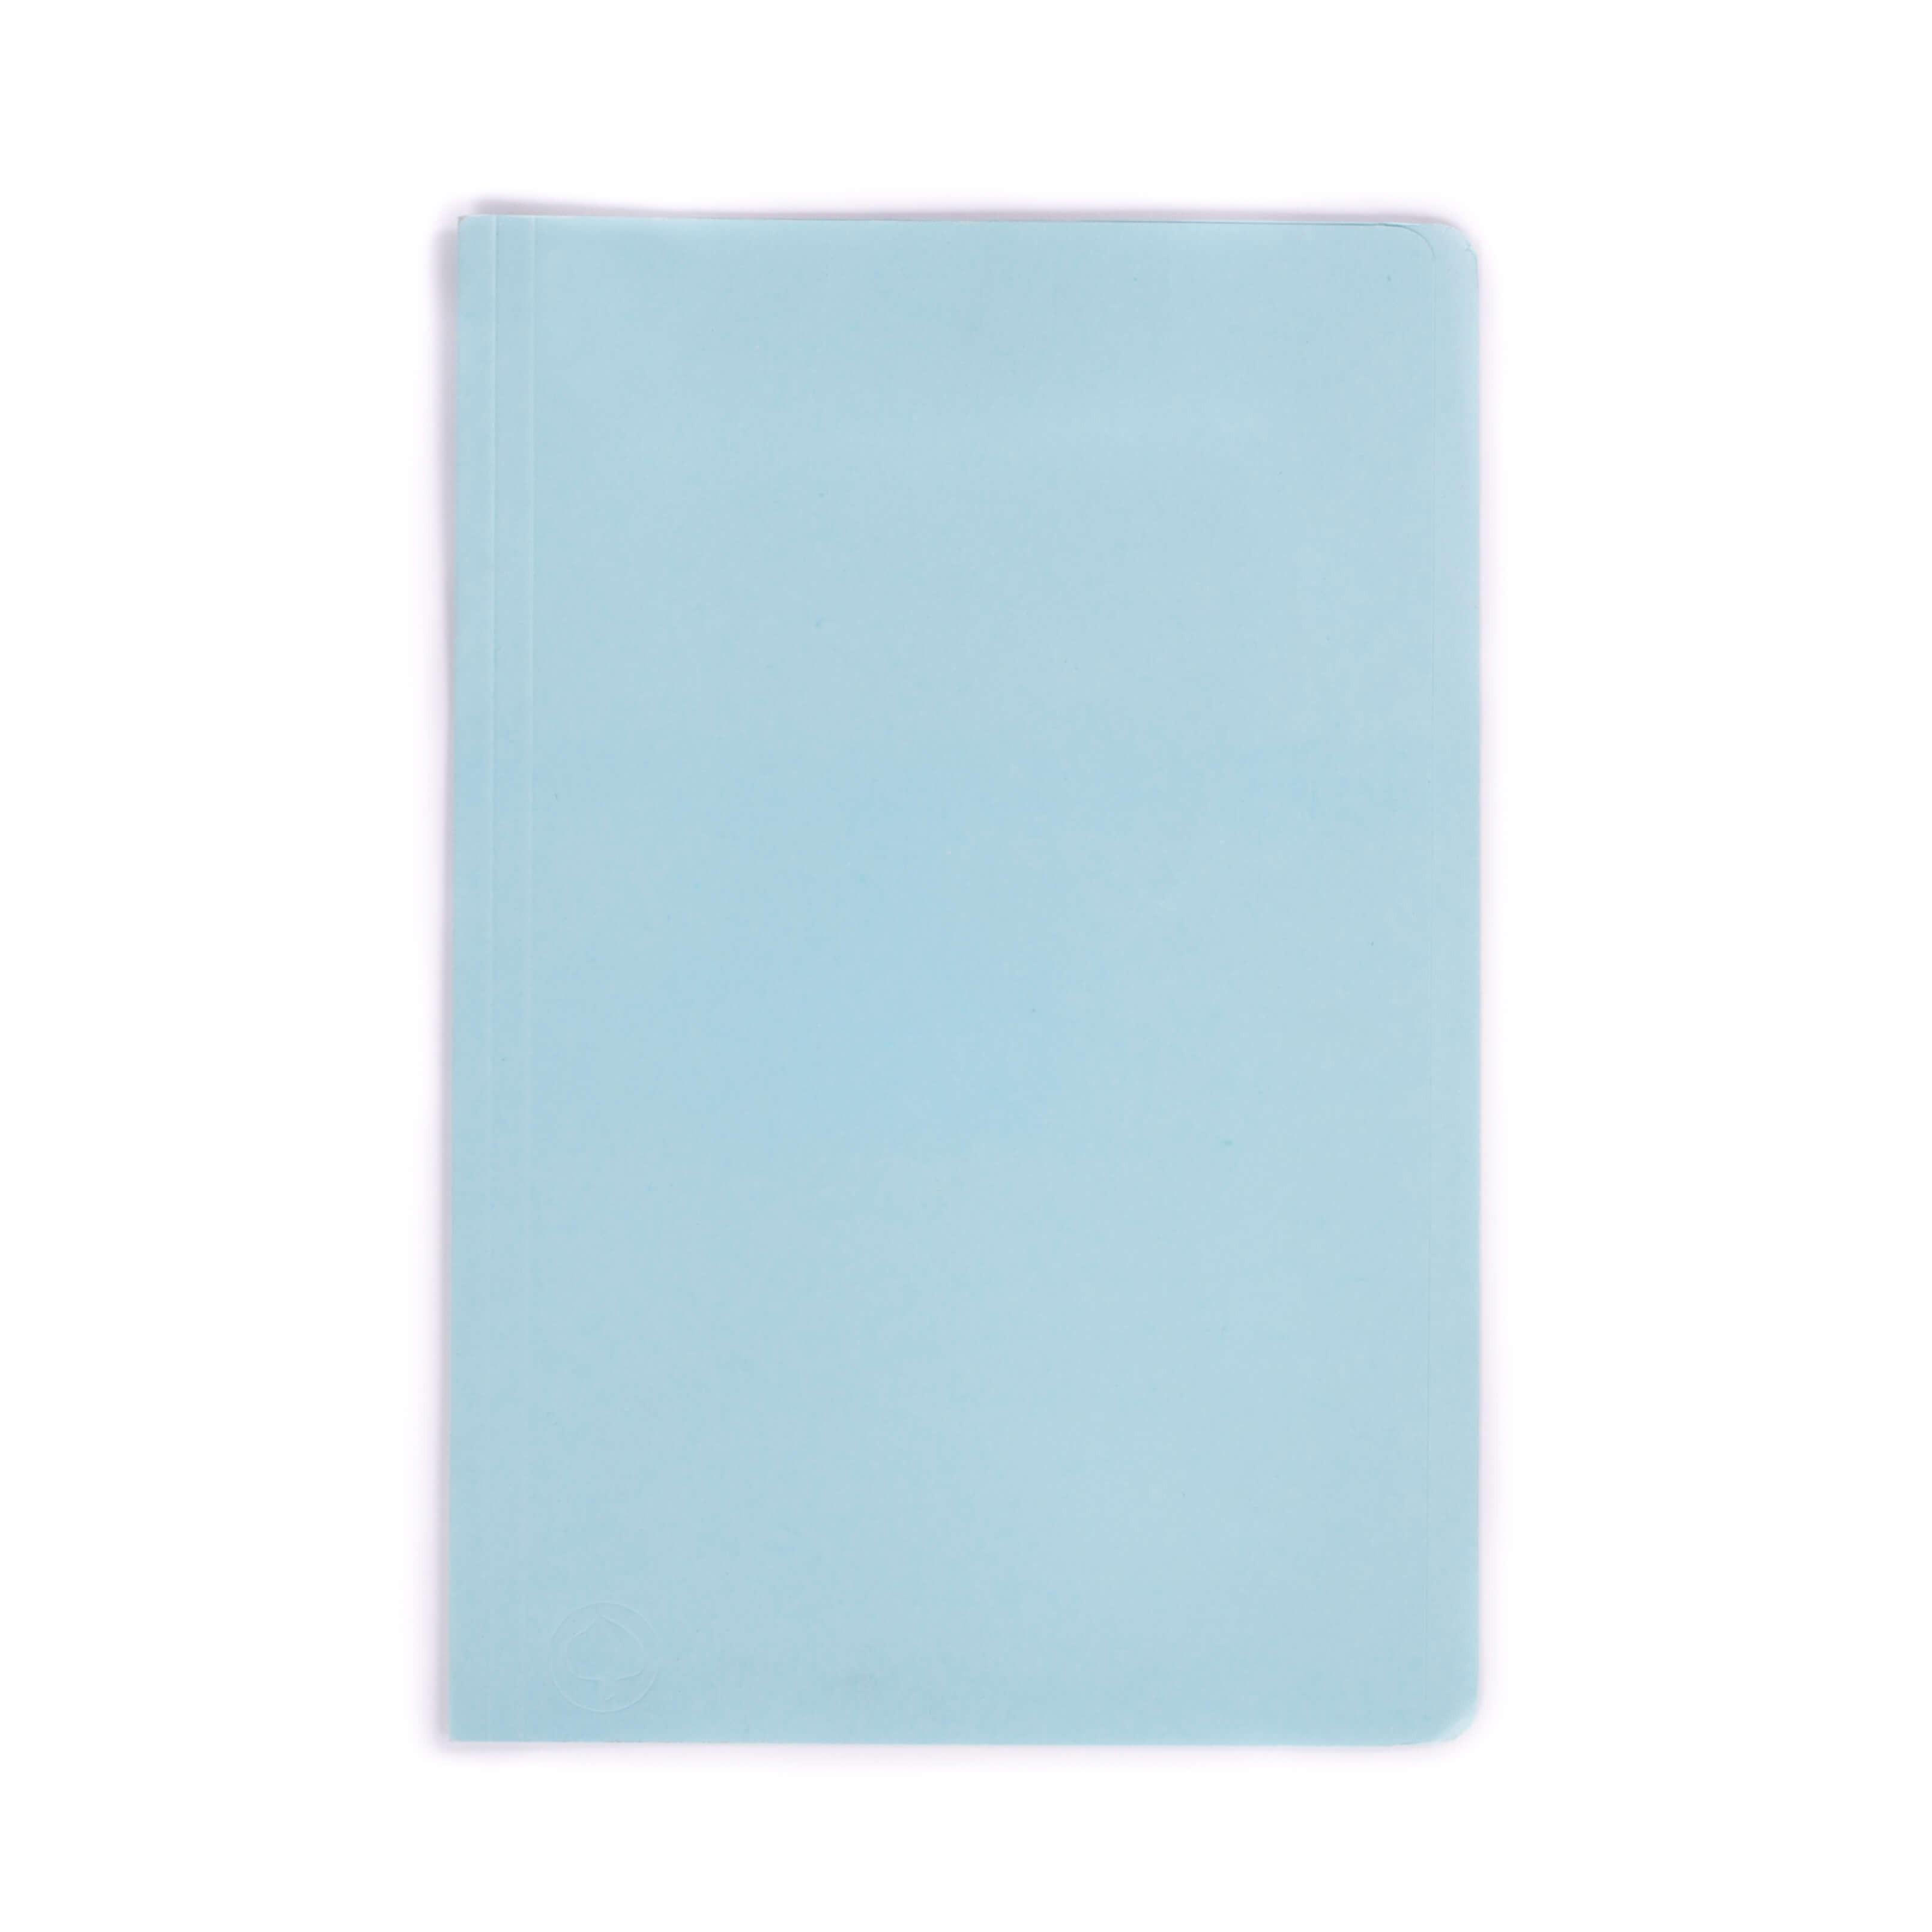 แฟ้มพับกระดาษ ตราใบโพธิ์ สีฟ้า F4